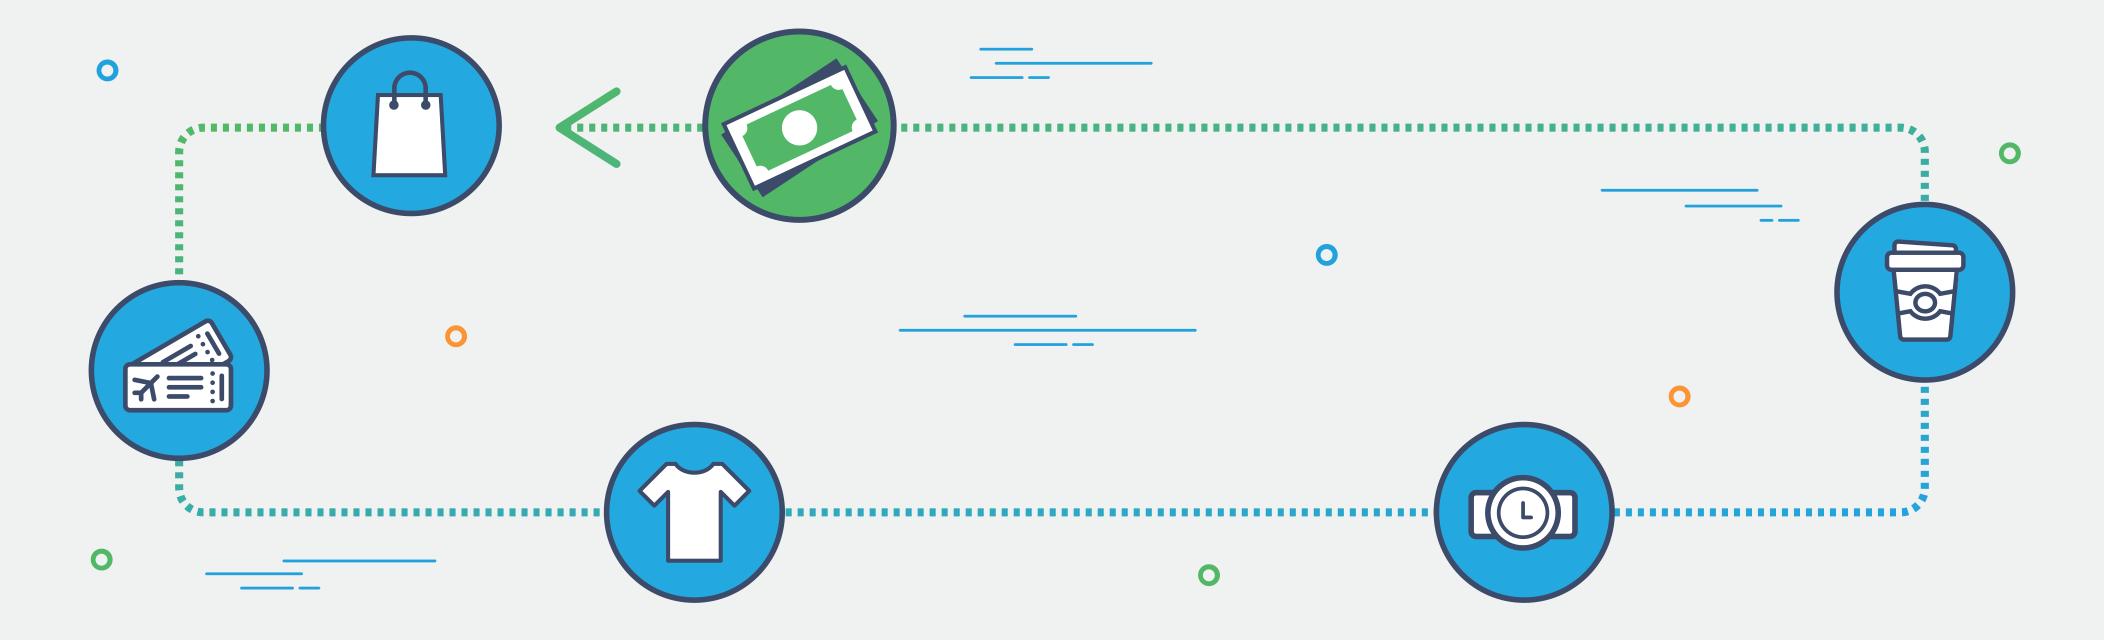 credit card billing cycle diagram